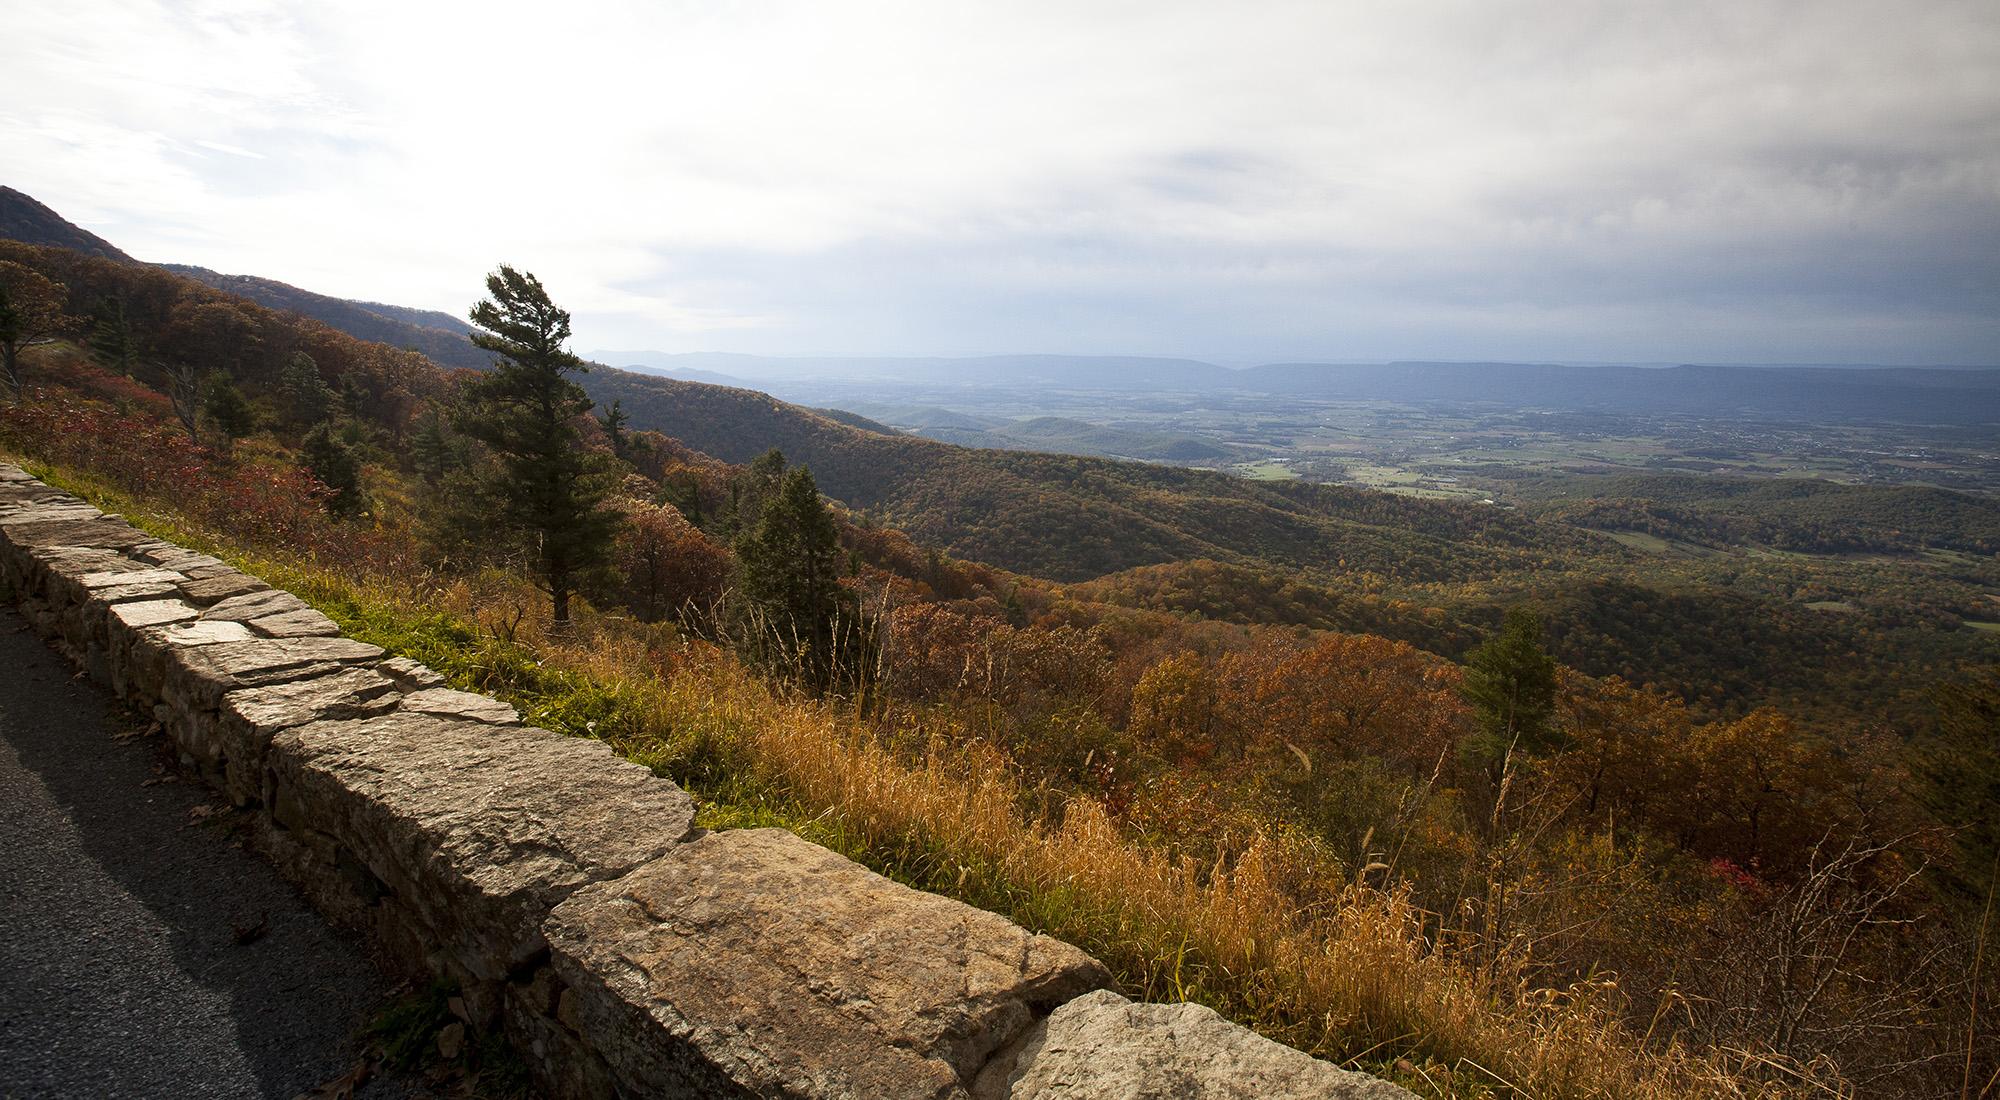 Stony Man Mountain Overlook